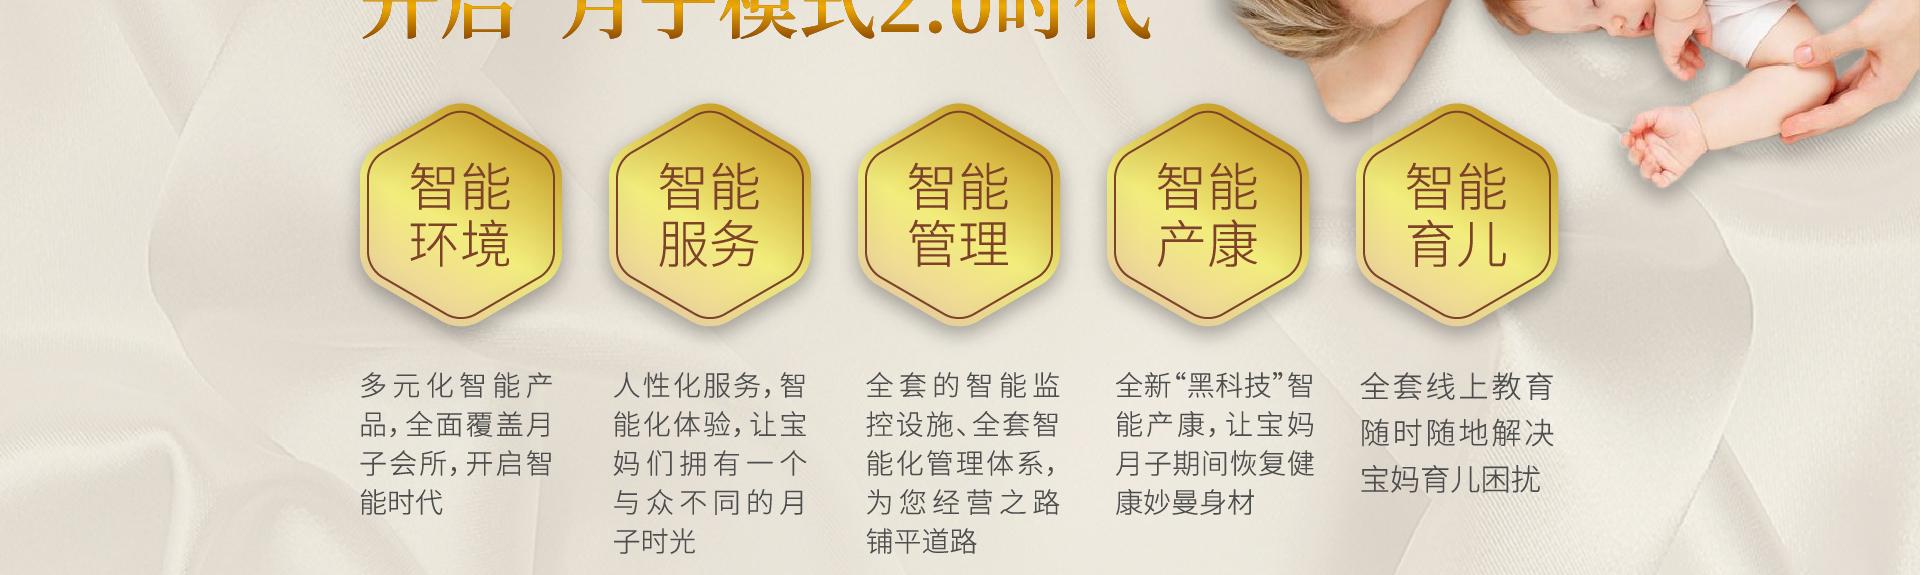 东方幸福月子会所PC_12